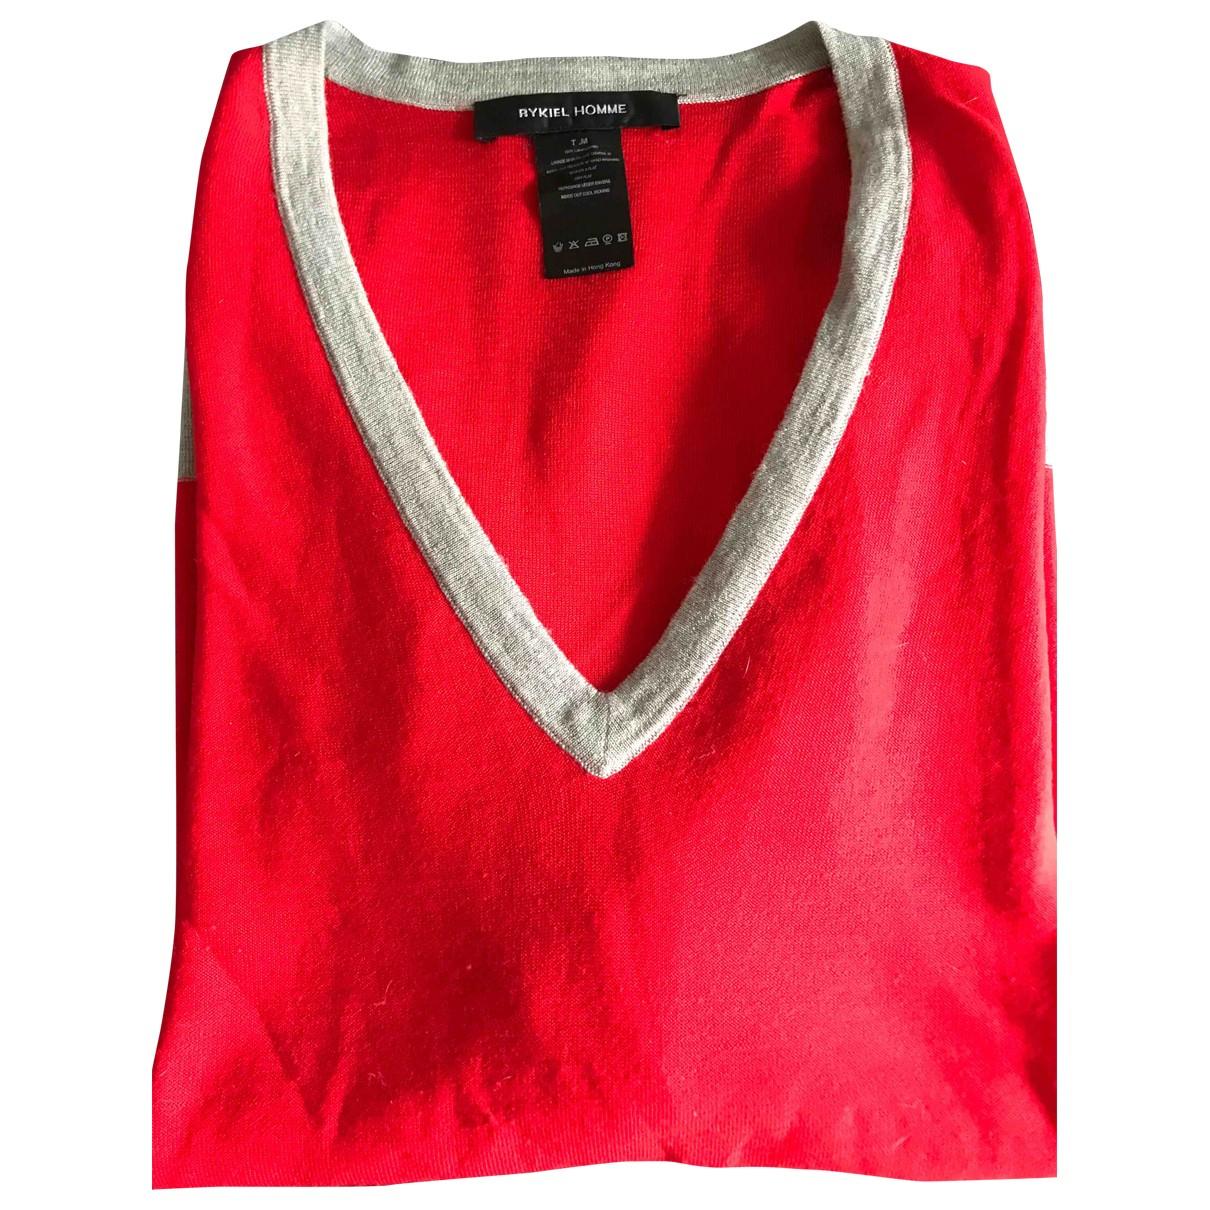 Rykiel Homme - Pulls.Gilets.Sweats   pour homme en coton - rouge